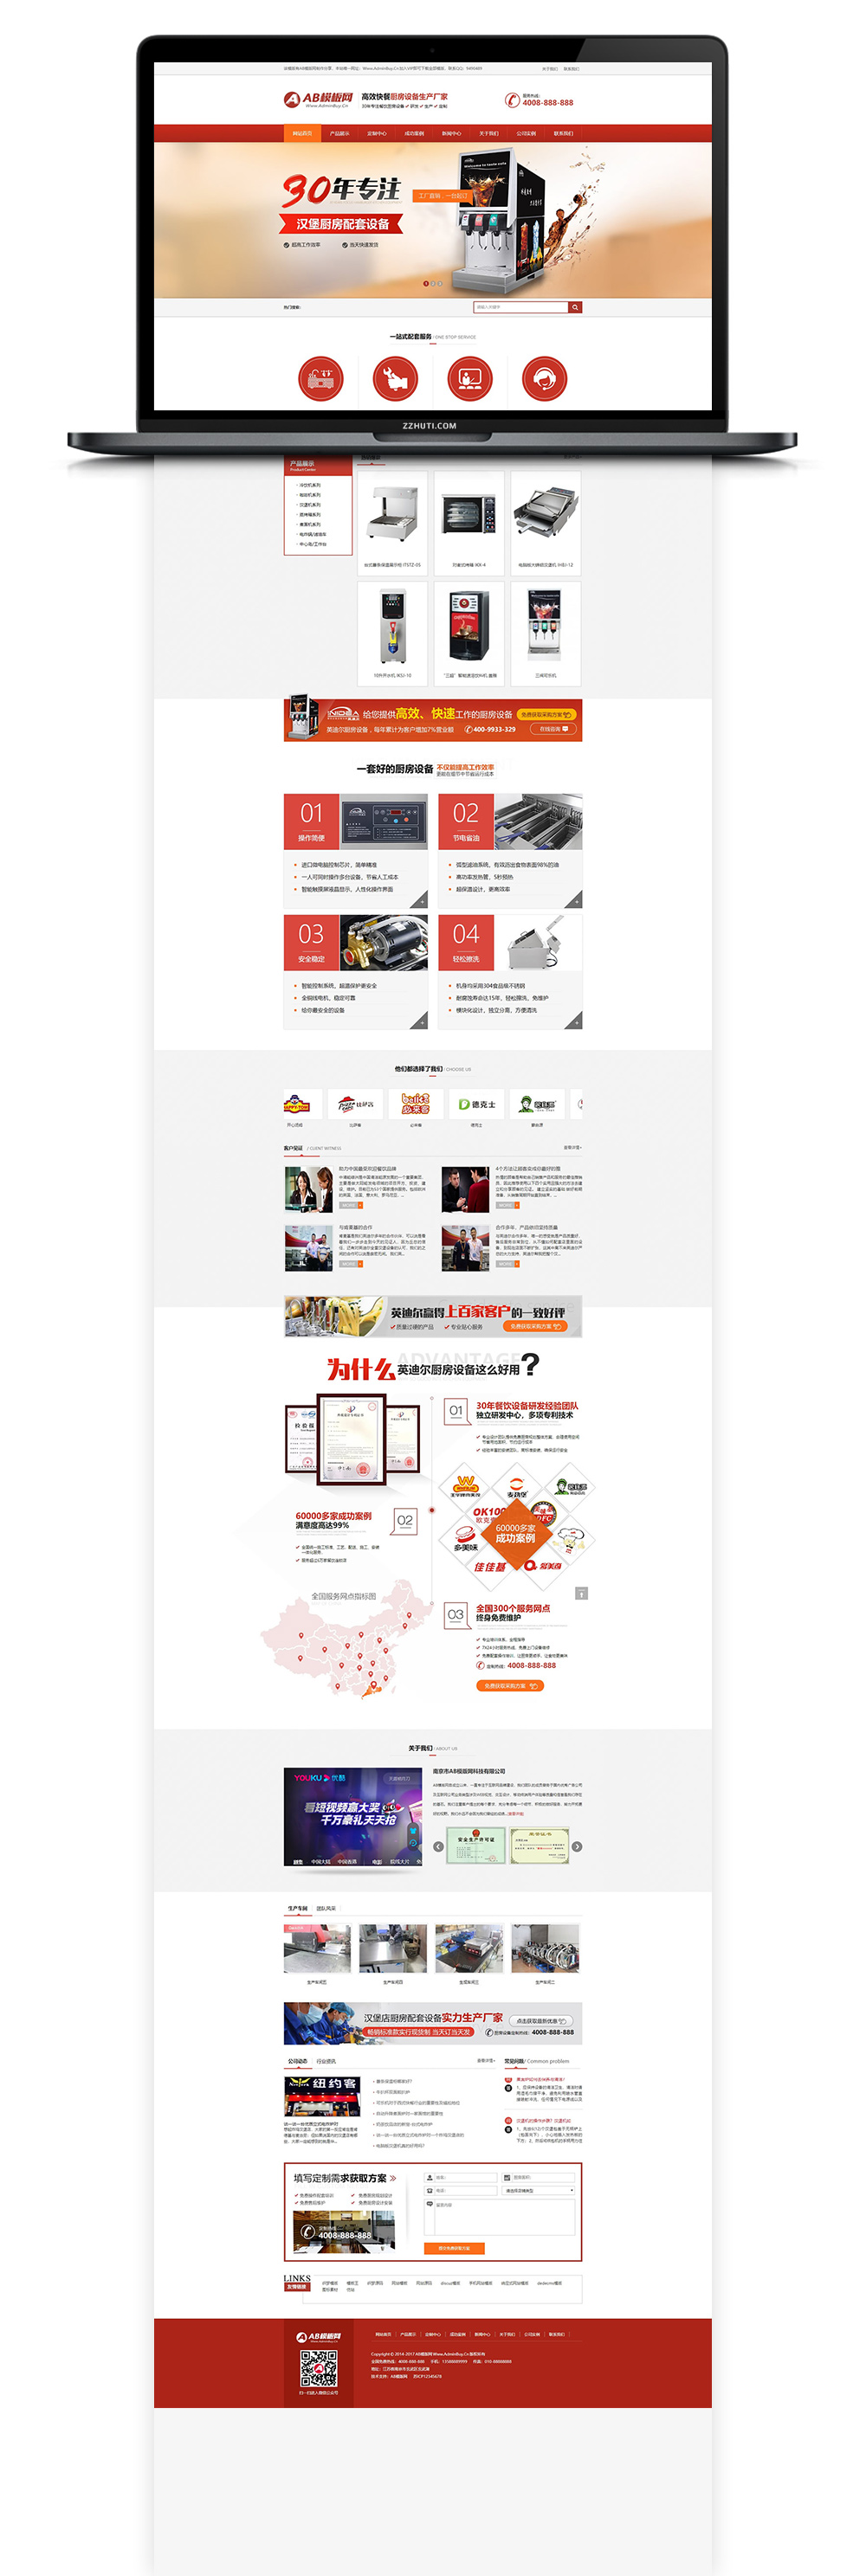 【厨房设备】织梦CMS红色模板 网站源码带手机版数据同步-酷网站源码